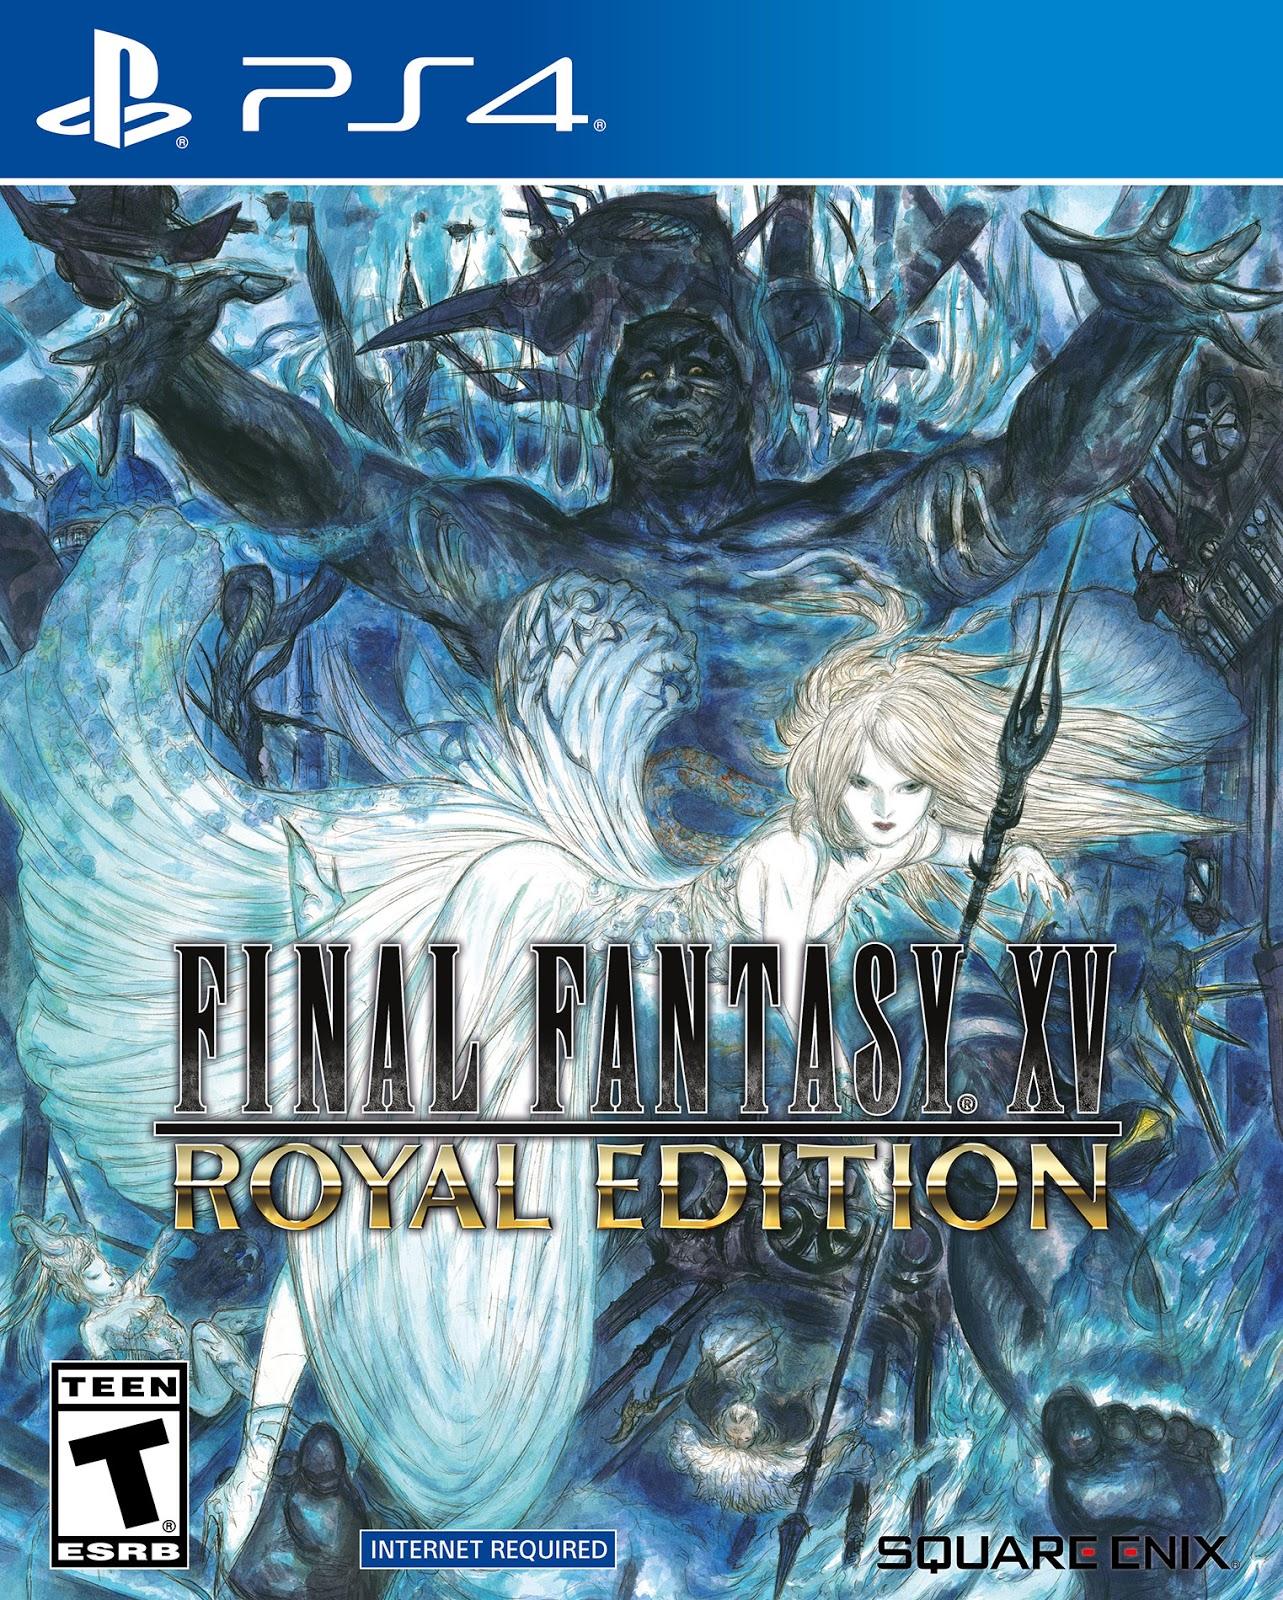 [PS4] FINAL FANTASY XV: ROYAL EDITION [R3][EN]